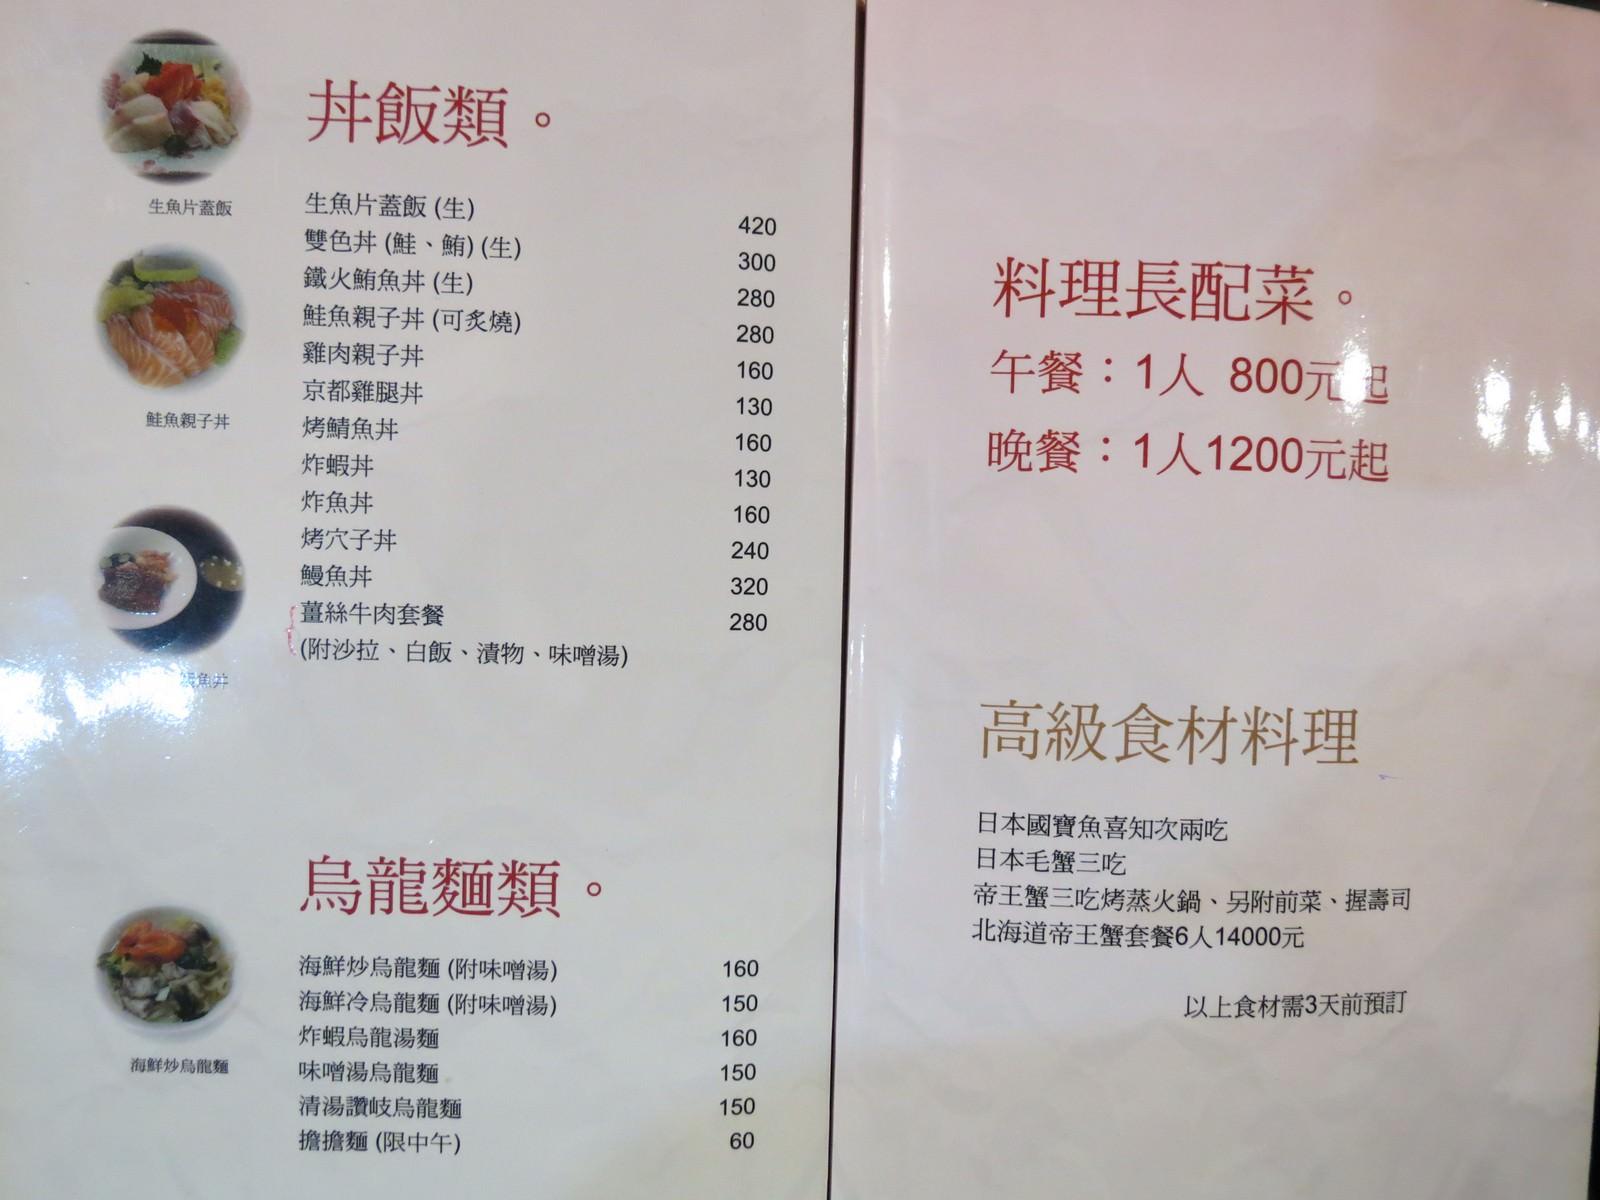 三鱻壽司, 點菜單/menu